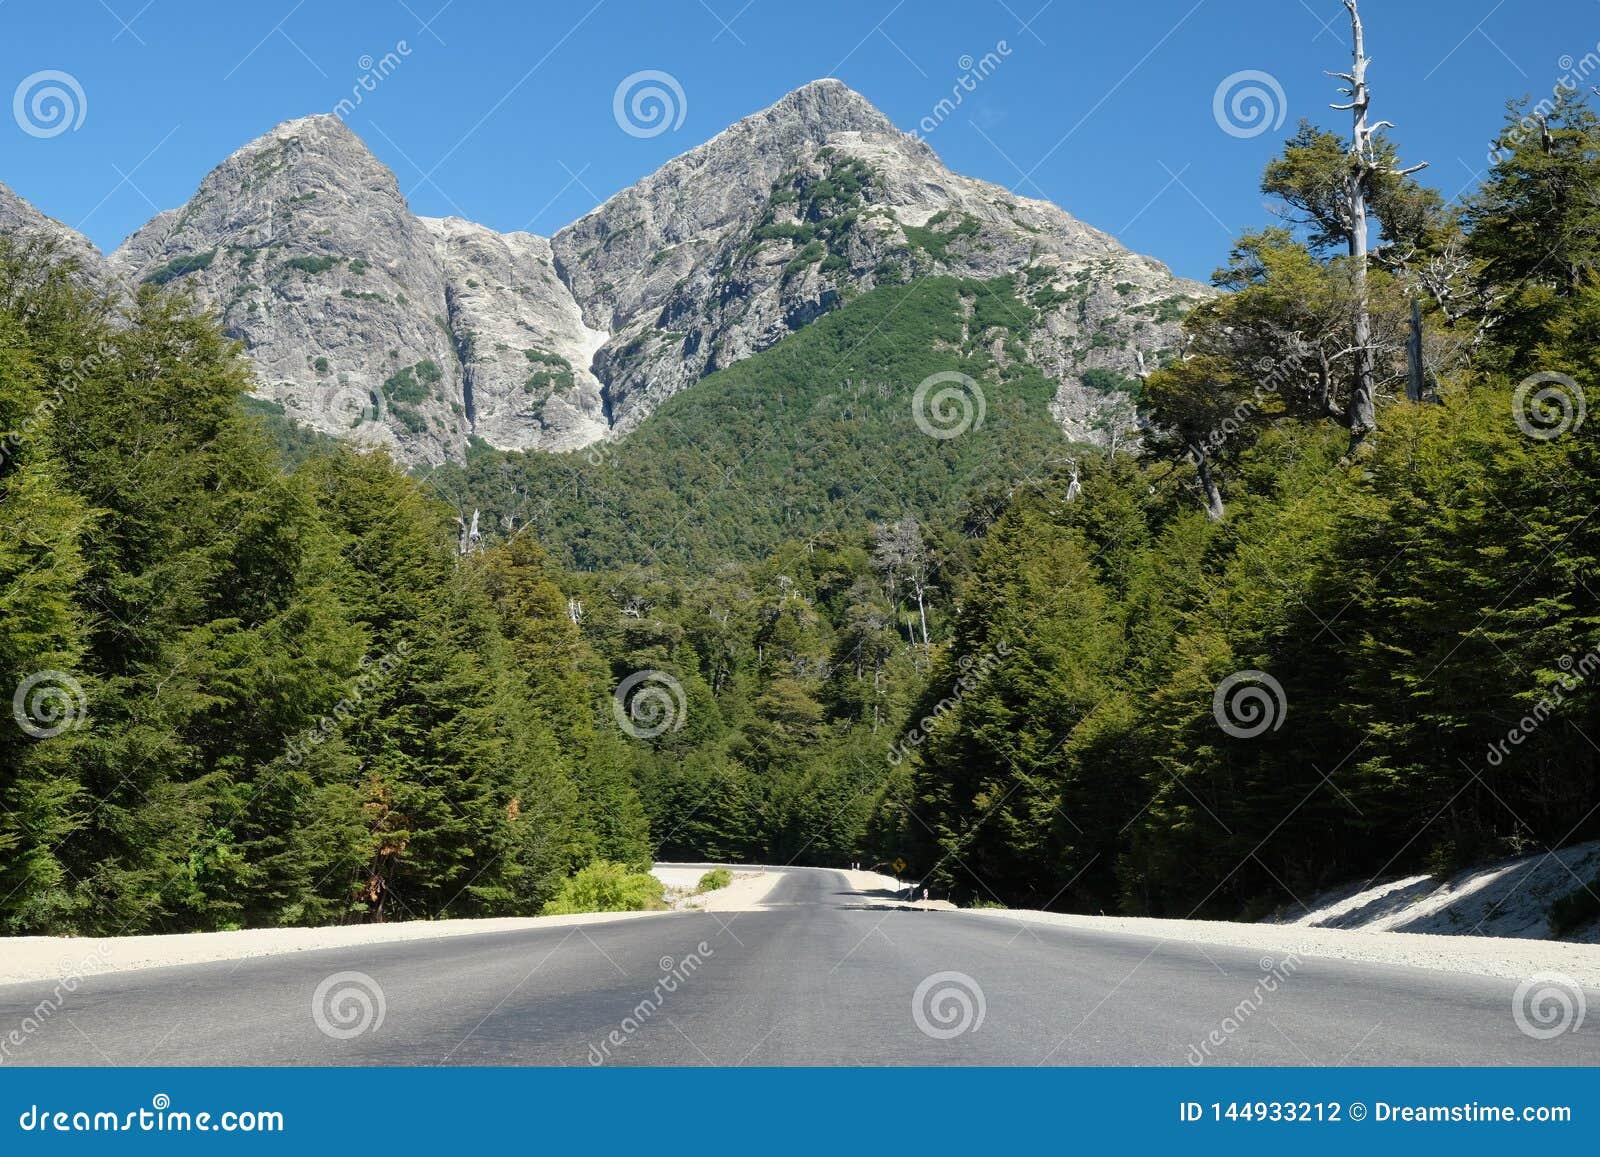 沿路的山口在巴塔哥尼亚